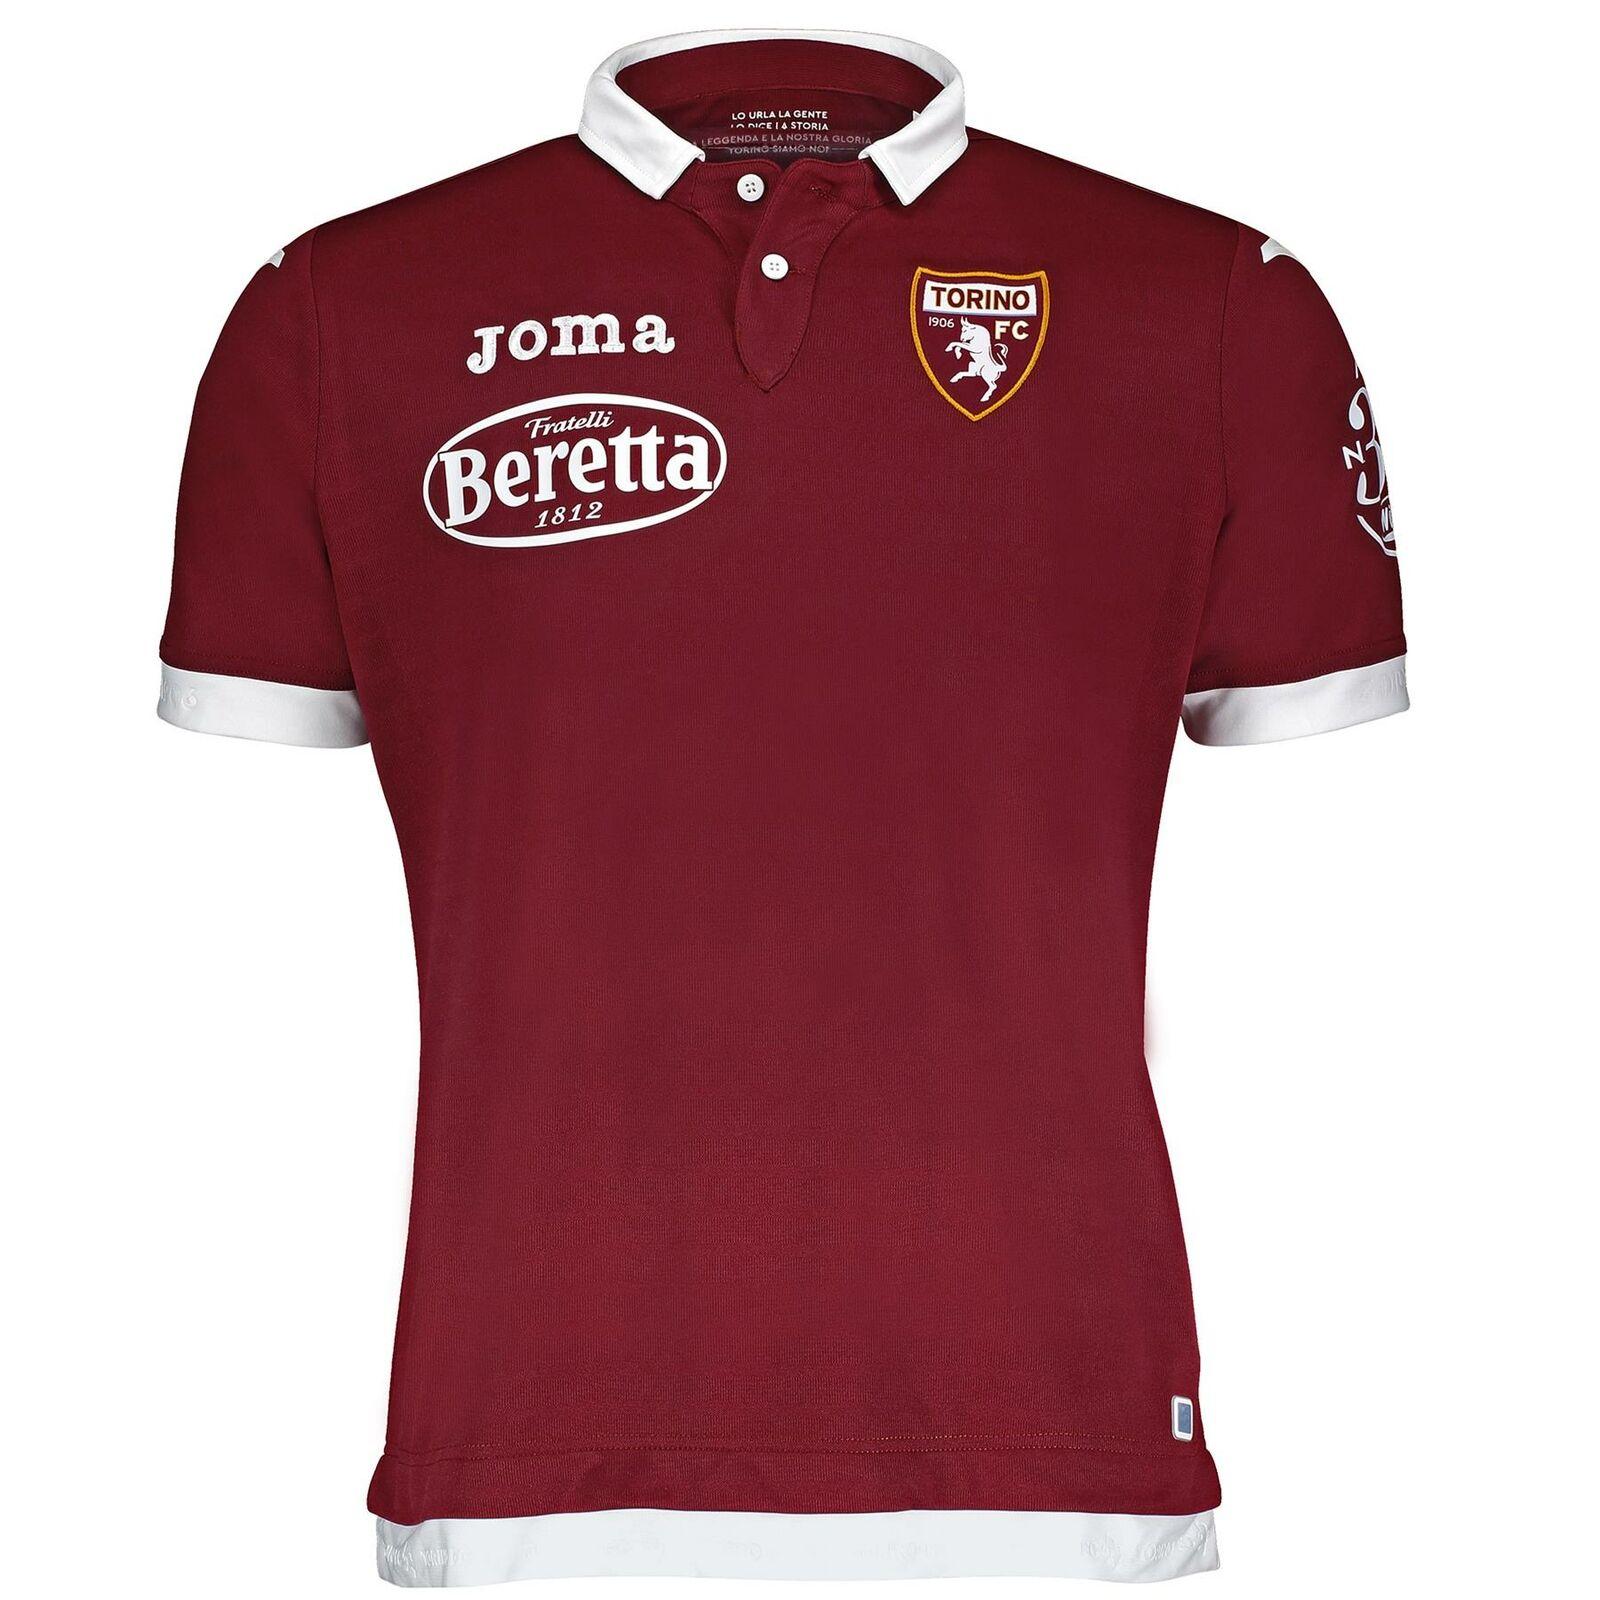 Joma Torino FC Casa Maglia 1920 Serie a Italiano Calcio Maroons